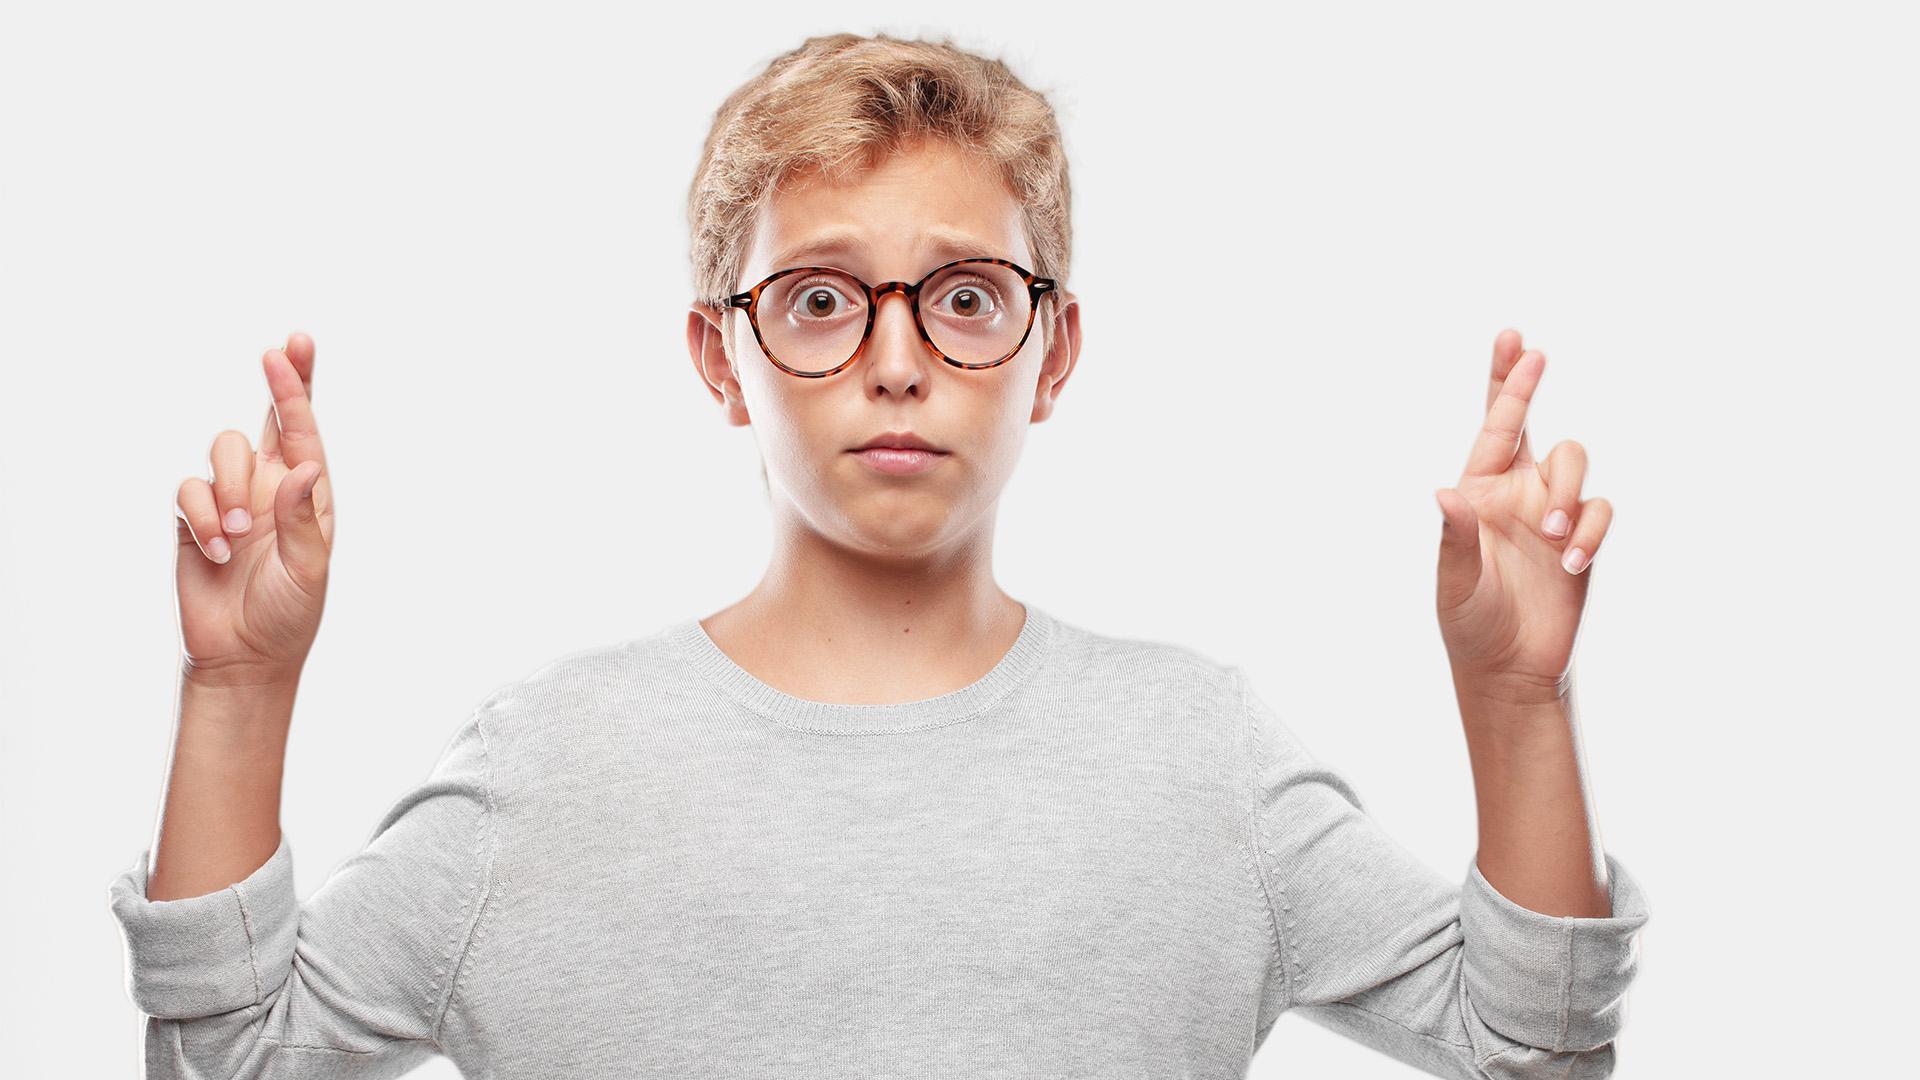 asszertív kommunikáció bizalom biztonságérzet családi háttér düh felnőtté válás gyerek határfeszegetés hazugság kamasz kamaszkori hazugságok pszichológus szülő szurovecz kitti társadalmi helyzet villányi gergő